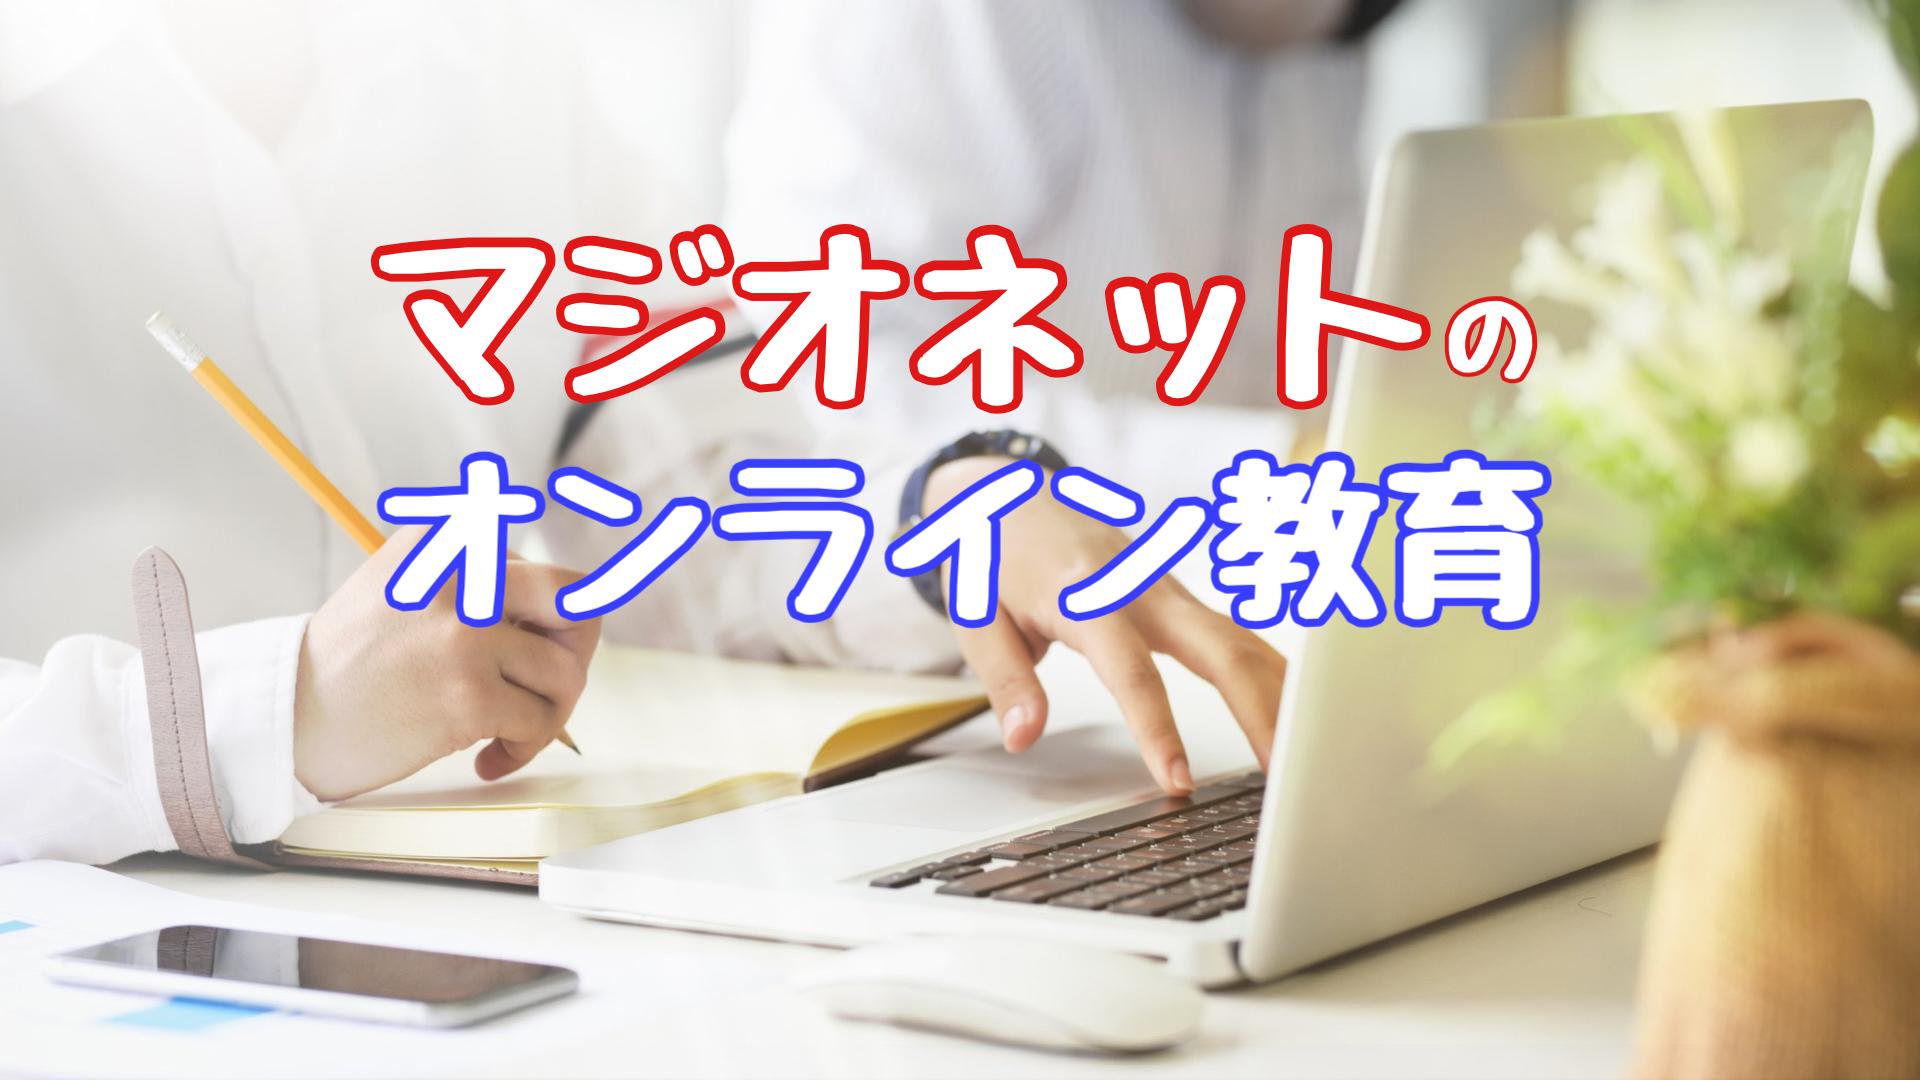 マジオネットのオンライン教育